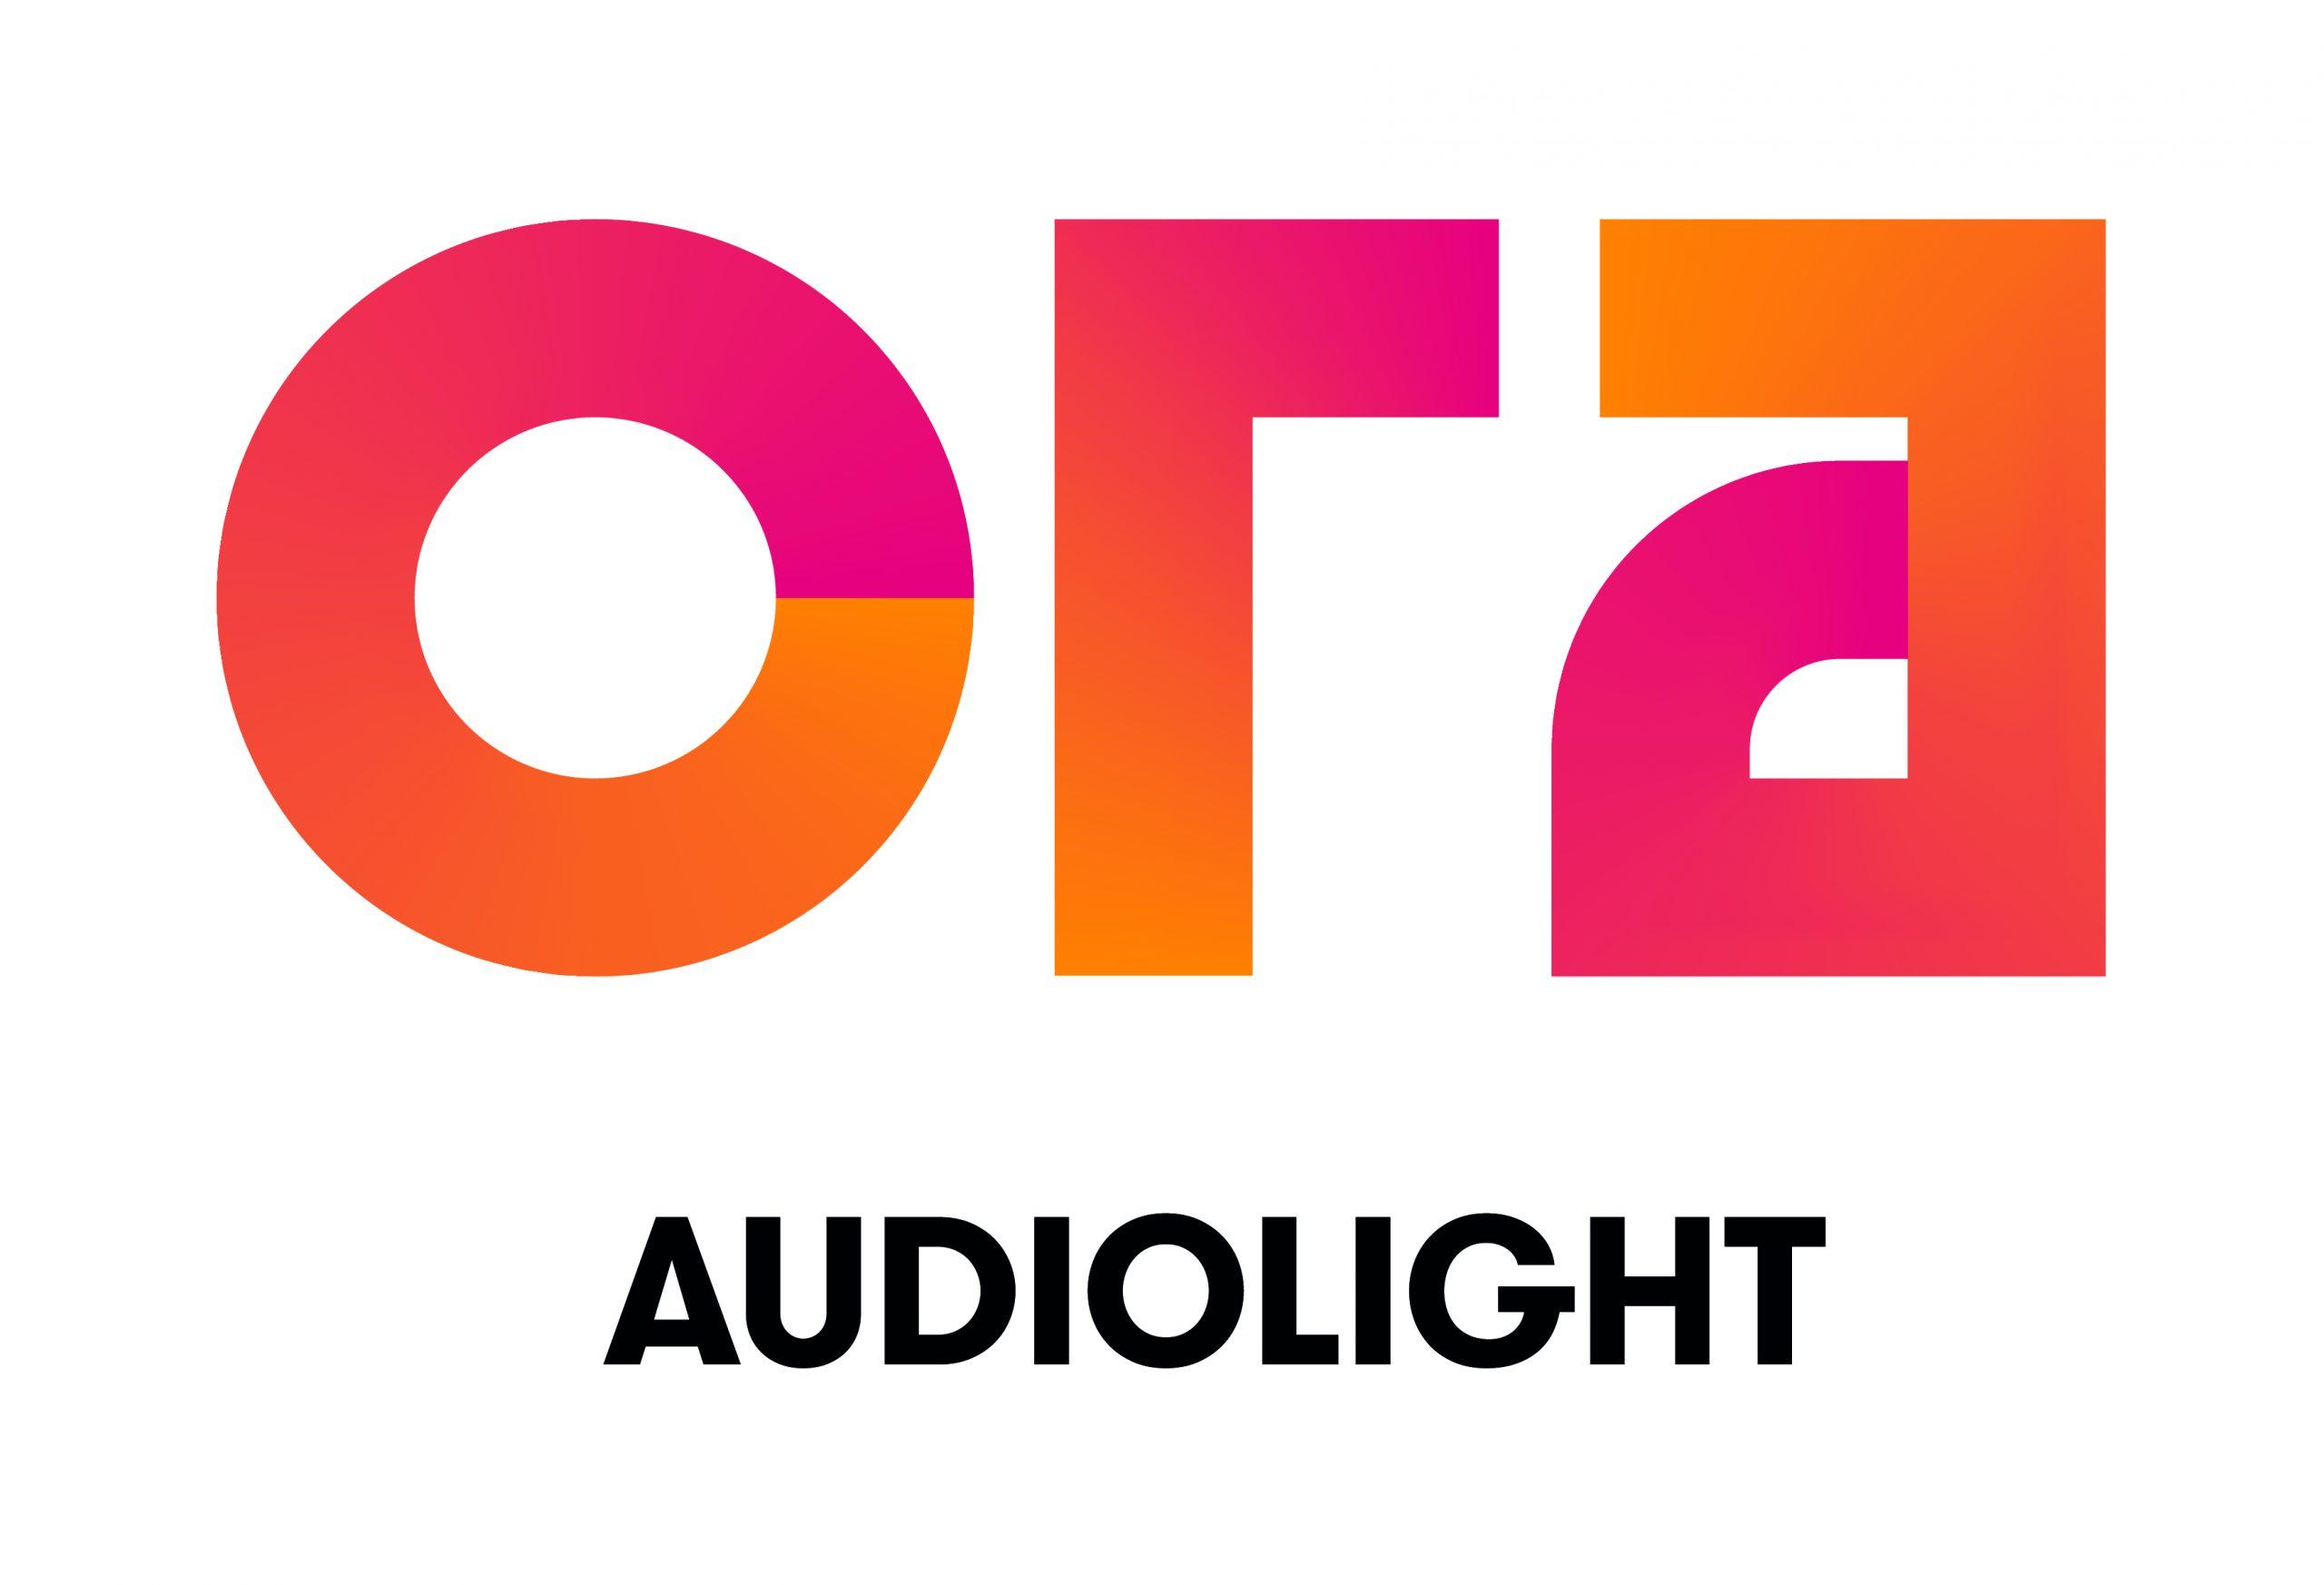 Ora - Audiolight - Composition verticale_Plan de travail 1